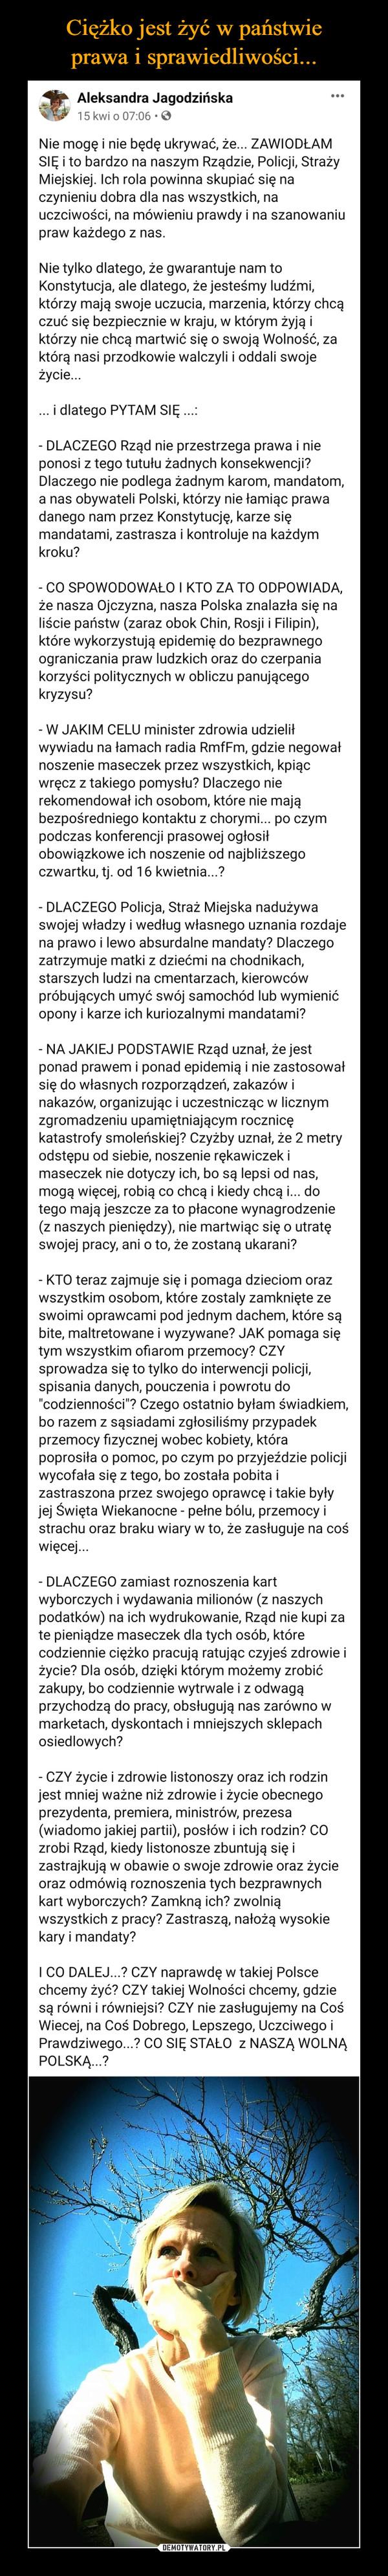 –  Aleksandra Jagodzińska· 15 kwietnia ·  Nie mogę i nie będę ukrywać, że... ZAWIODŁAM SIĘ i to bardzo na naszym Rządzie, Policji, Straży Miejskiej. Ich rola powinna skupiać się na czynieniu dobra dla nas wszystkich, na uczciwości, na mówieniu prawdy i na szanowaniu praw każdego z nas.Nie tylko dlatego, że gwarantuje nam to Konstytucja, ale dlatego, że jesteśmy ludźmi, którzy mają swoje uczucia, marzenia, którzy chcą czuć się bezpiecznie w kraju, w którym żyją i którzy nie chcą martwić się o swoją Wolność, za którą nasi przodkowie walczyli i oddali swoje życie...... i dlatego PYTAM SIĘ ...:- DLACZEGO Rząd nie przestrzega prawa i nie ponosi z tego tutułu żadnych konsekwencji? Dlaczego nie podlega żadnym karom, mandatom, a nas obywateli Polski, którzy nie łamiąc prawa danego nam przez Konstytucję, karze się mandatami, zastrasza i kontroluje na każdym kroku?- CO SPOWODOWAŁO I KTO ZA TO ODPOWIADA, że nasza Ojczyzna, nasza Polska znalazła się na liście państw (zaraz obok Chin, Rosji i Filipin), które wykorzystują epidemię do bezprawnego ograniczania praw ludzkich oraz do czerpania korzyści politycznych w obliczu panującego kryzysu?- W JAKIM CELU minister zdrowia udzielił wywiadu na łamach radia RmfFm, gdzie negował noszenie maseczek przez wszystkich, kpiąc wręcz z takiego pomysłu? Dlaczego nie rekomendował ich osobom, które nie mają bezpośredniego kontaktu z chorymi... po czym podczas konferencji prasowej ogłosił obowiązkowe ich noszenie od najbliższego czwartku, tj. od 16 kwietnia...?- DLACZEGO Policja, Straż Miejska nadużywa swojej władzy i według własnego uznania rozdaje na prawo i lewo absurdalne mandaty? Dlaczego zatrzymuje matki z dziećmi na chodnikach, starszych ludzi na cmentarzach, kierowców próbujących umyć swój samochód lub wymienić opony i karze ich kuriozalnymi mandatami?- NA JAKIEJ PODSTAWIE Rząd uznał, że jest ponad prawem i ponad epidemią i nie zastosował się do własnych rozporządzeń, zakazów i nakazów, organizując i uczestnicząc w licznym zgromadzeniu up